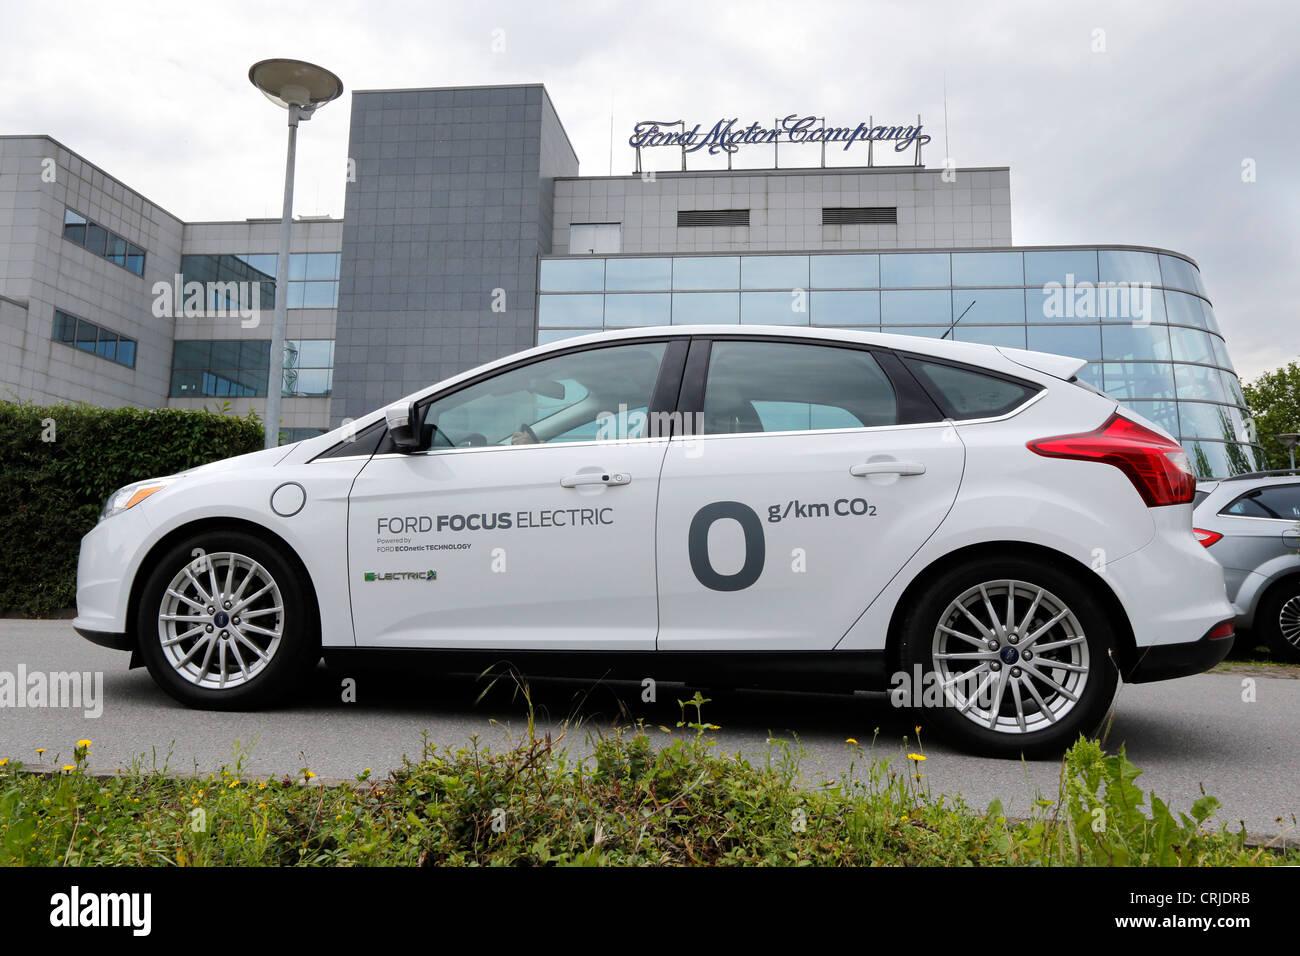 Ford Motor Company, Ford et de recherche du Centre d'ingénierie avancée à Aix-la-Chapelle (Allemagne). Photo Stock